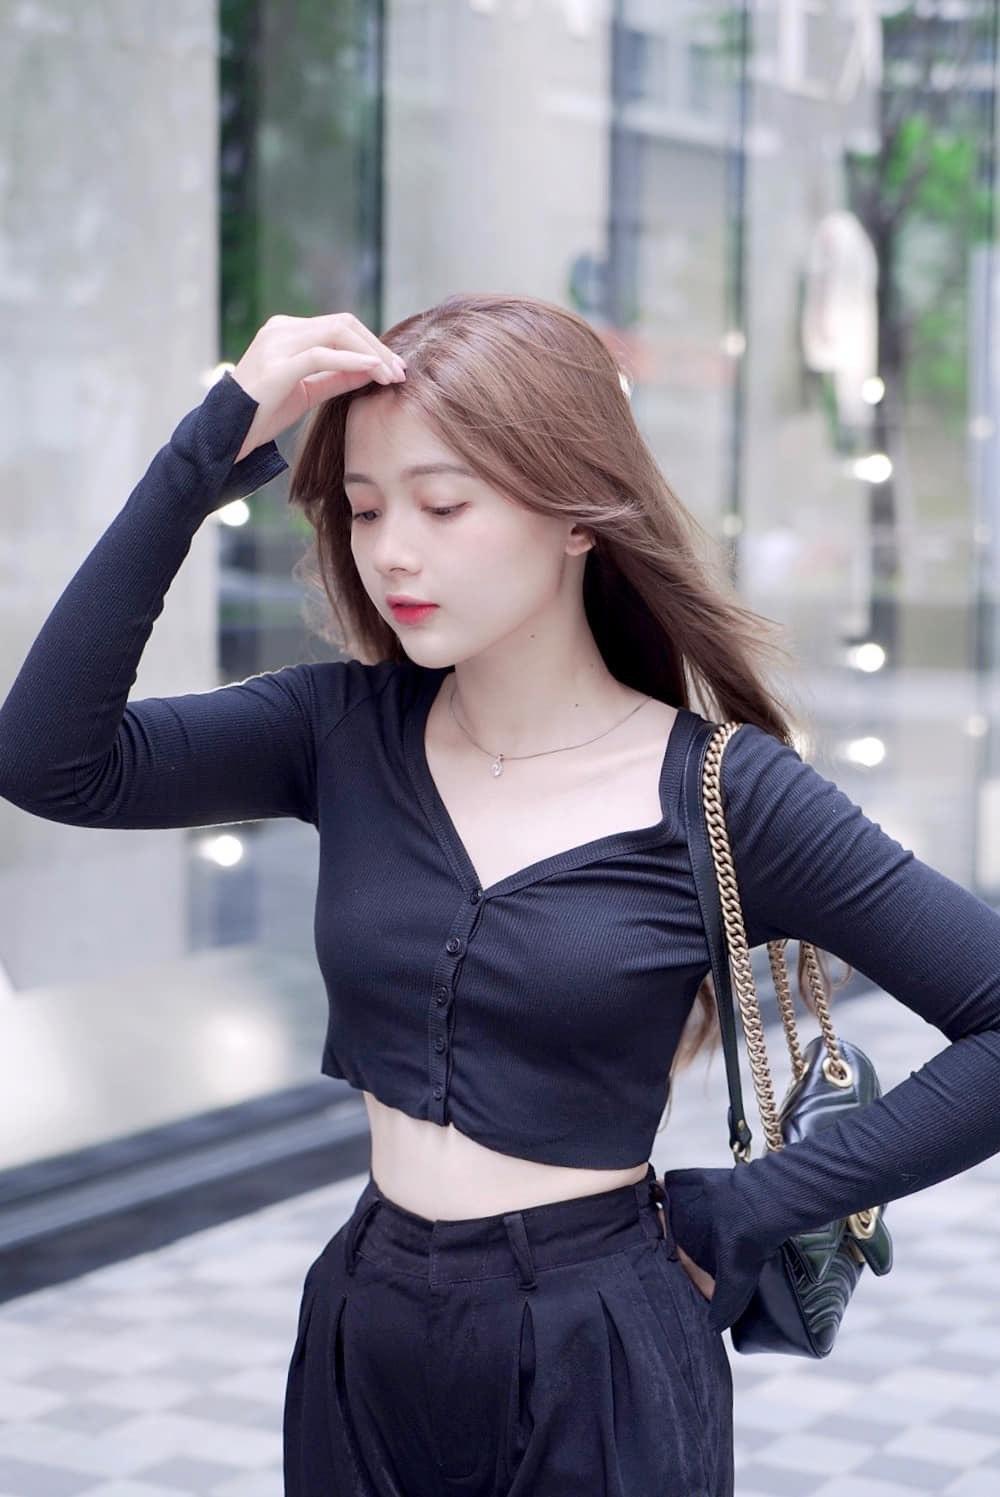 4 'hot girl ảnh thẻ' nổi đình đám: Ai cũng sở hữu nhan sắc 'cực phẩm' hết phần thiên hạ - Ảnh 5